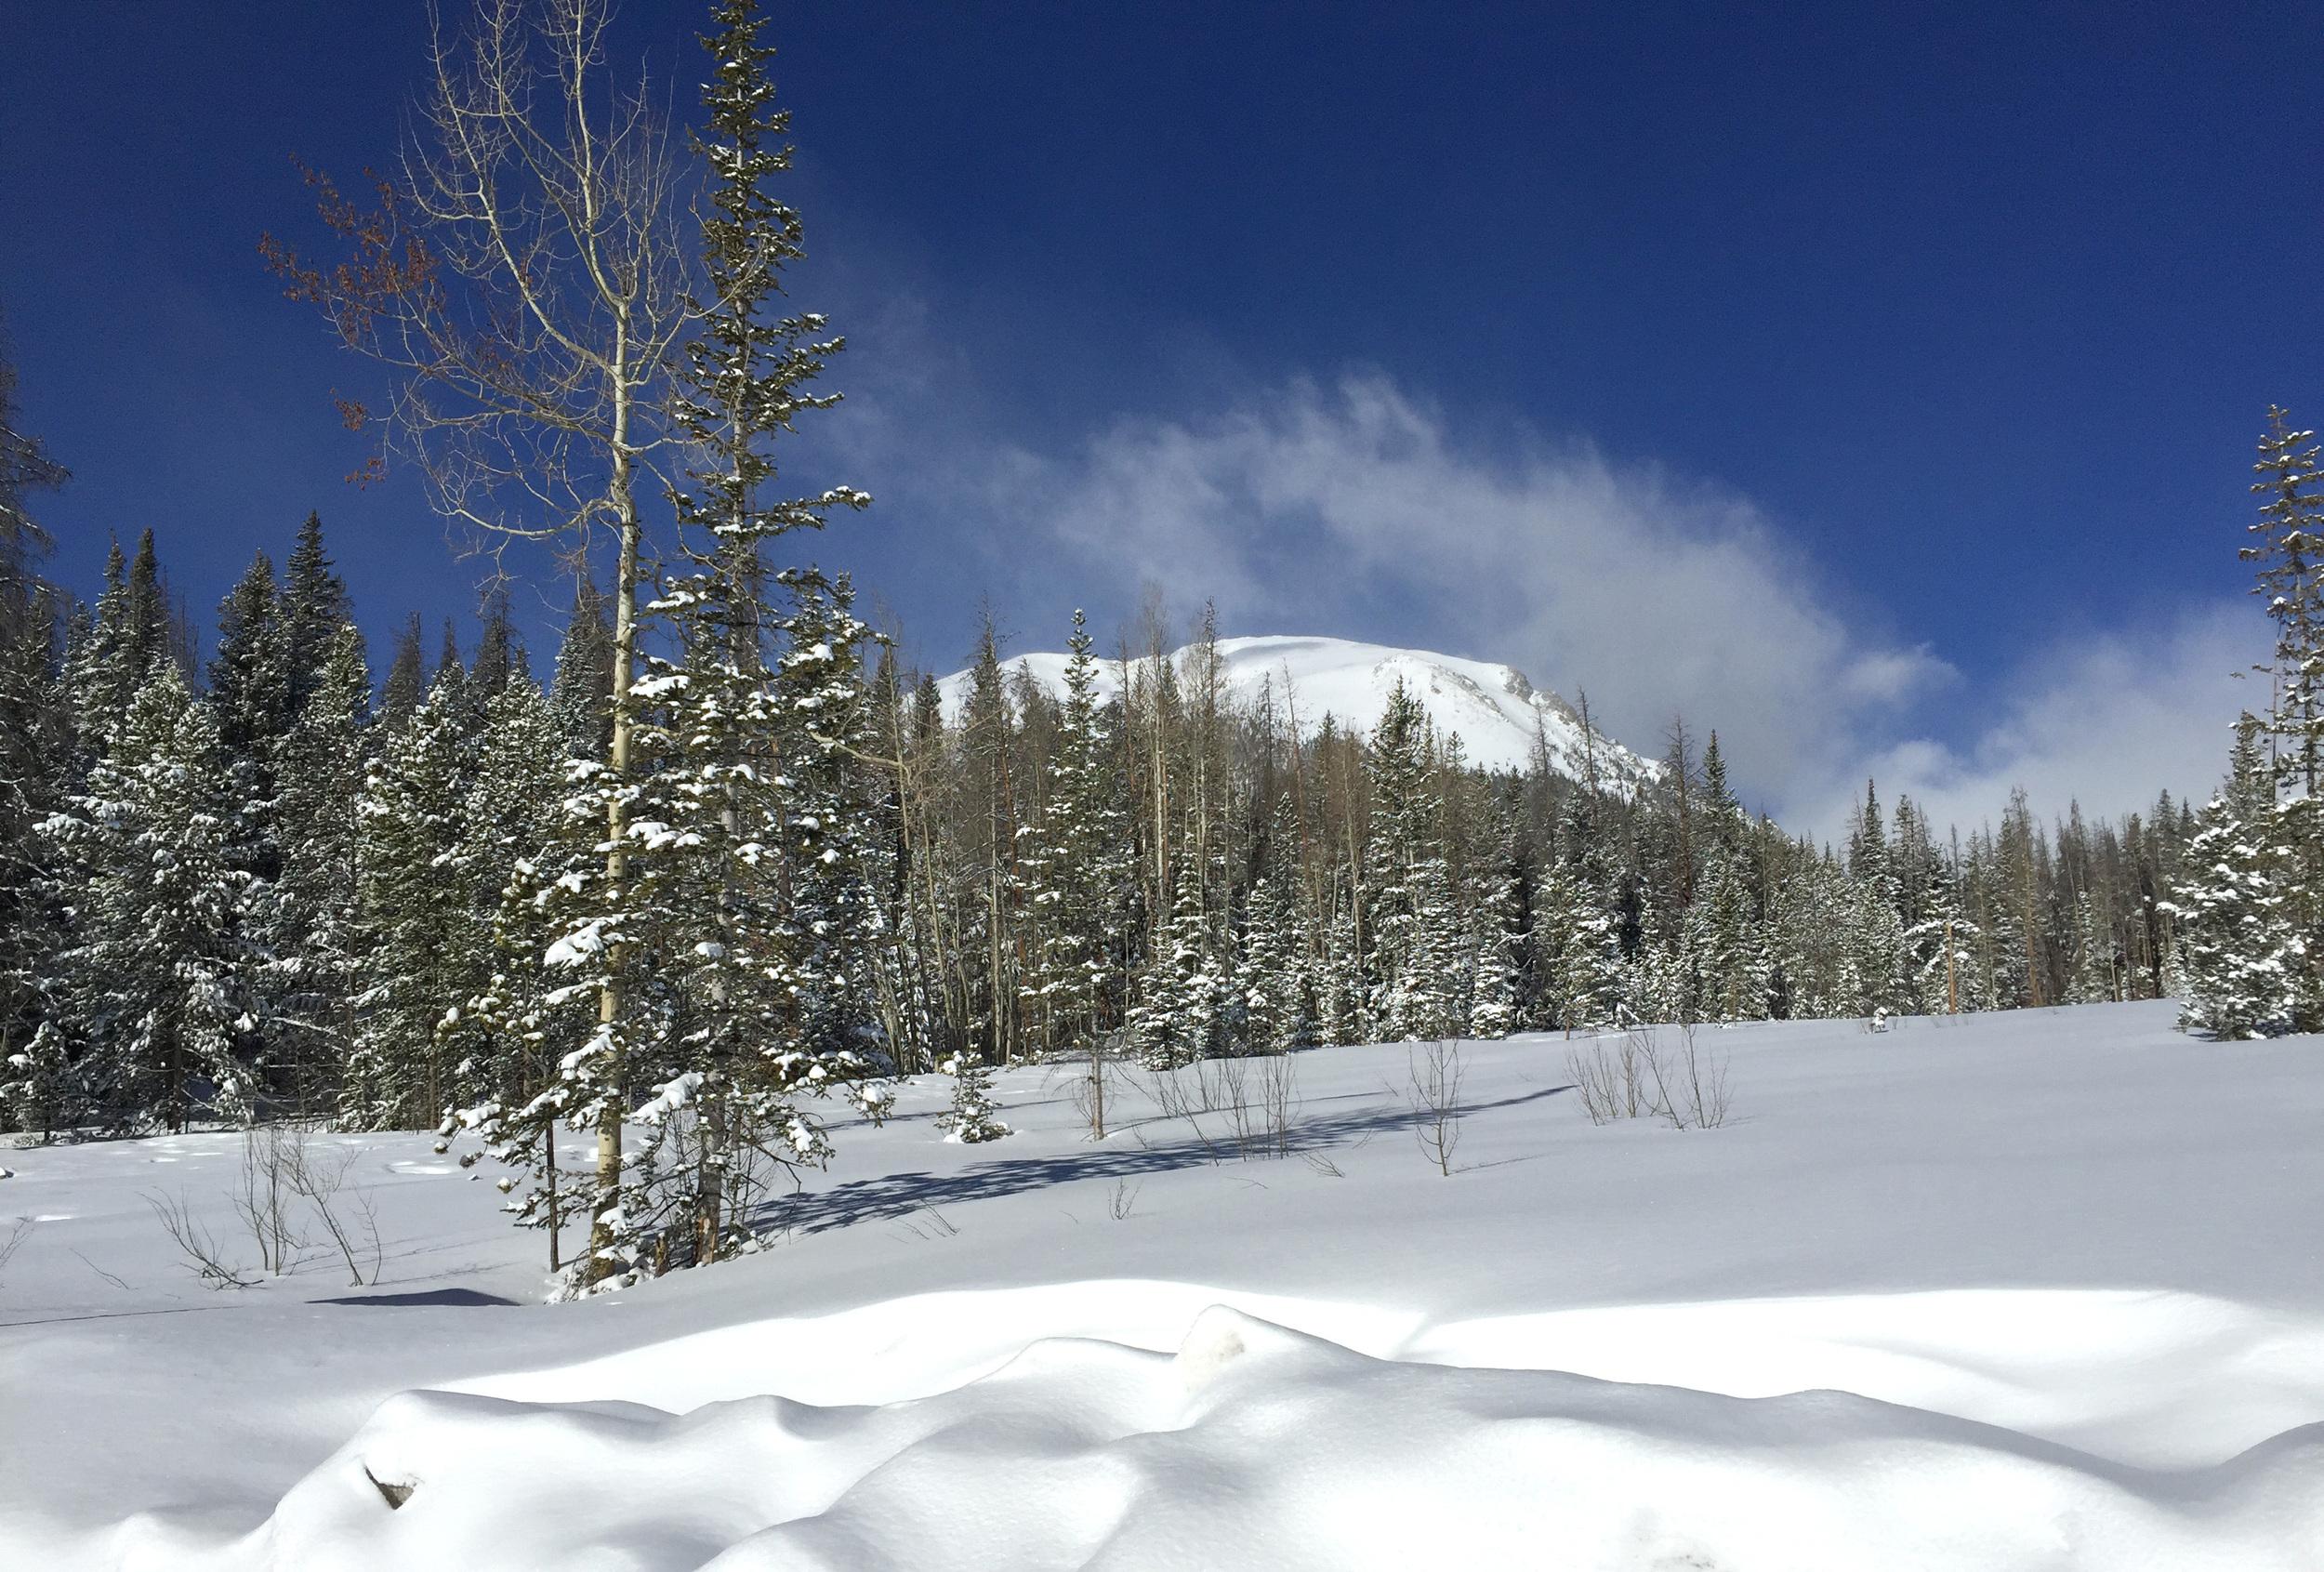 March 24, 2015 Buffalo Mtn. Silverthorne, Colorado